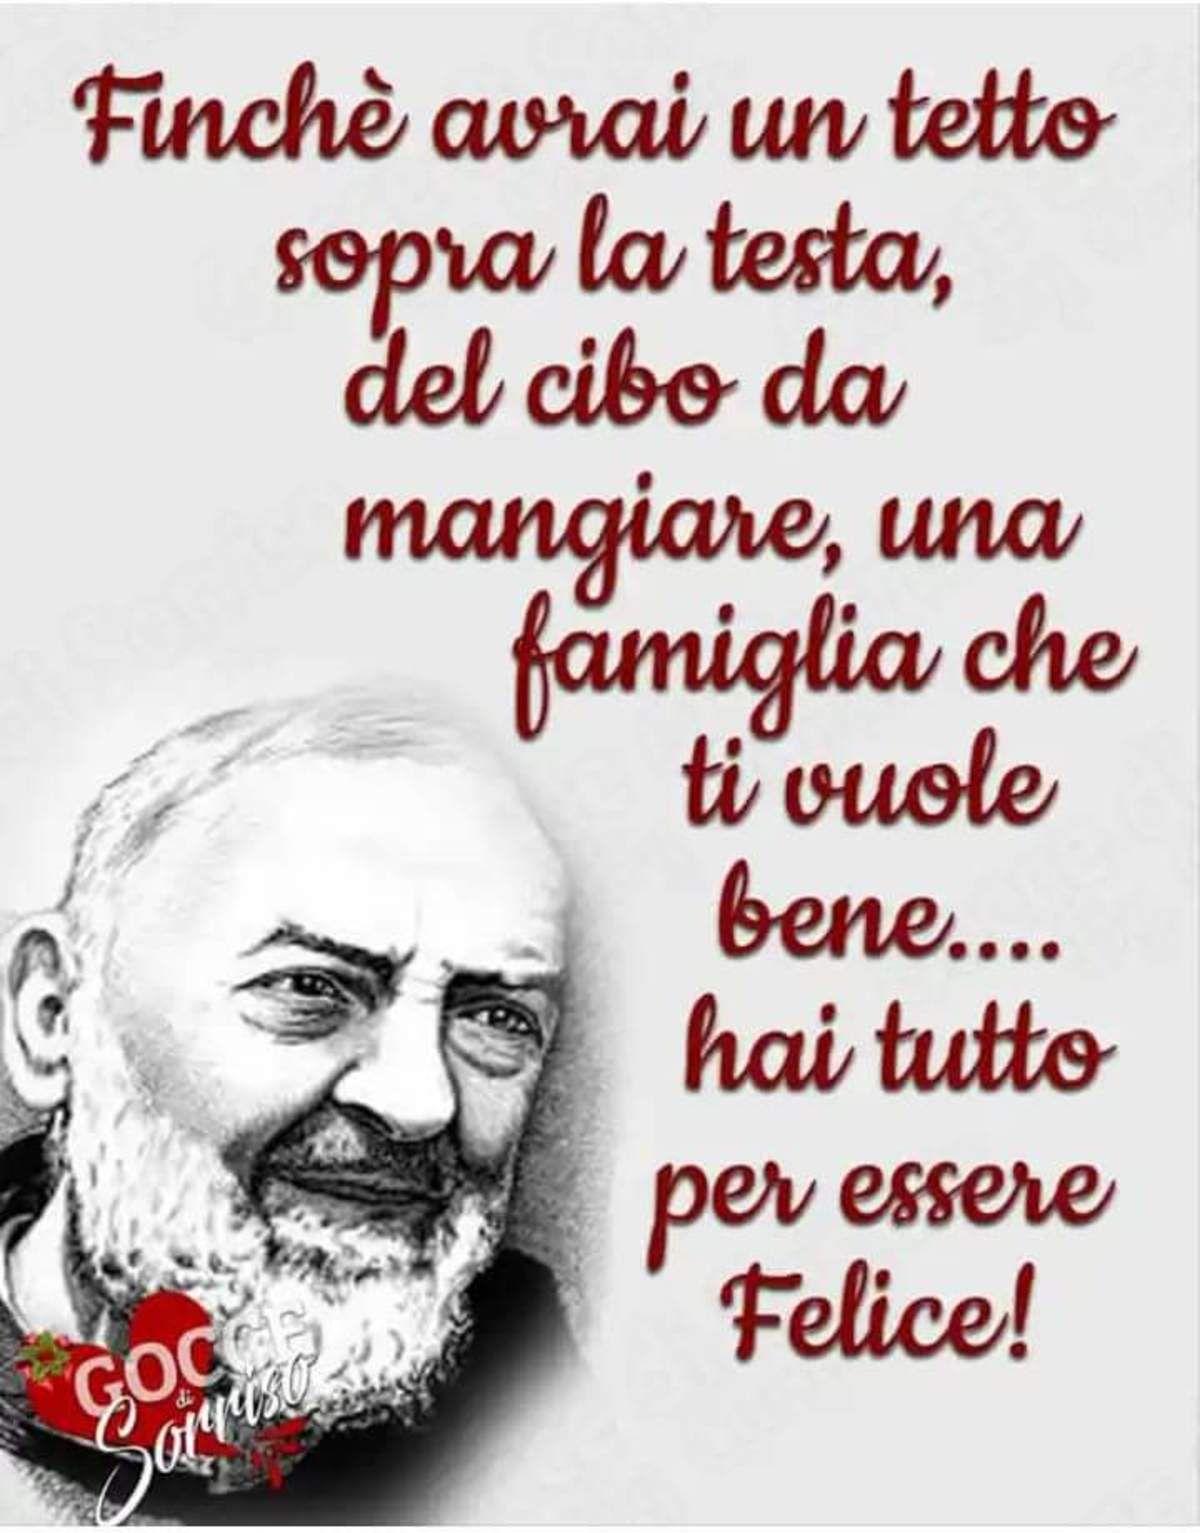 Immagini Belle Di Padre Pio Citazioni Padri